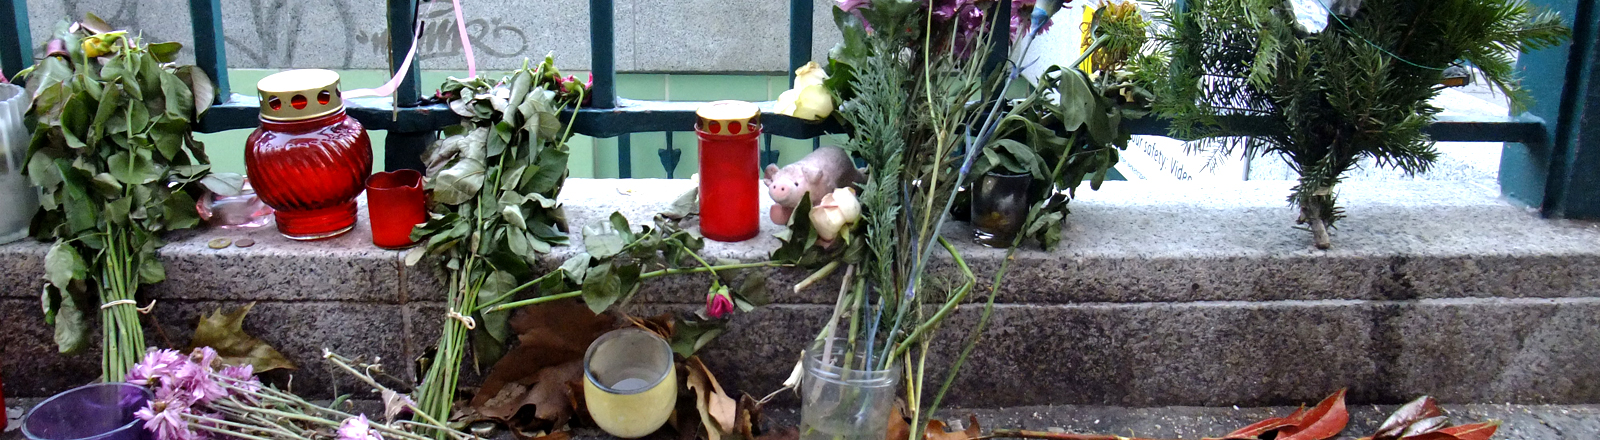 Blumen und Kerzen für einen verstorbenen Obdachlosen.